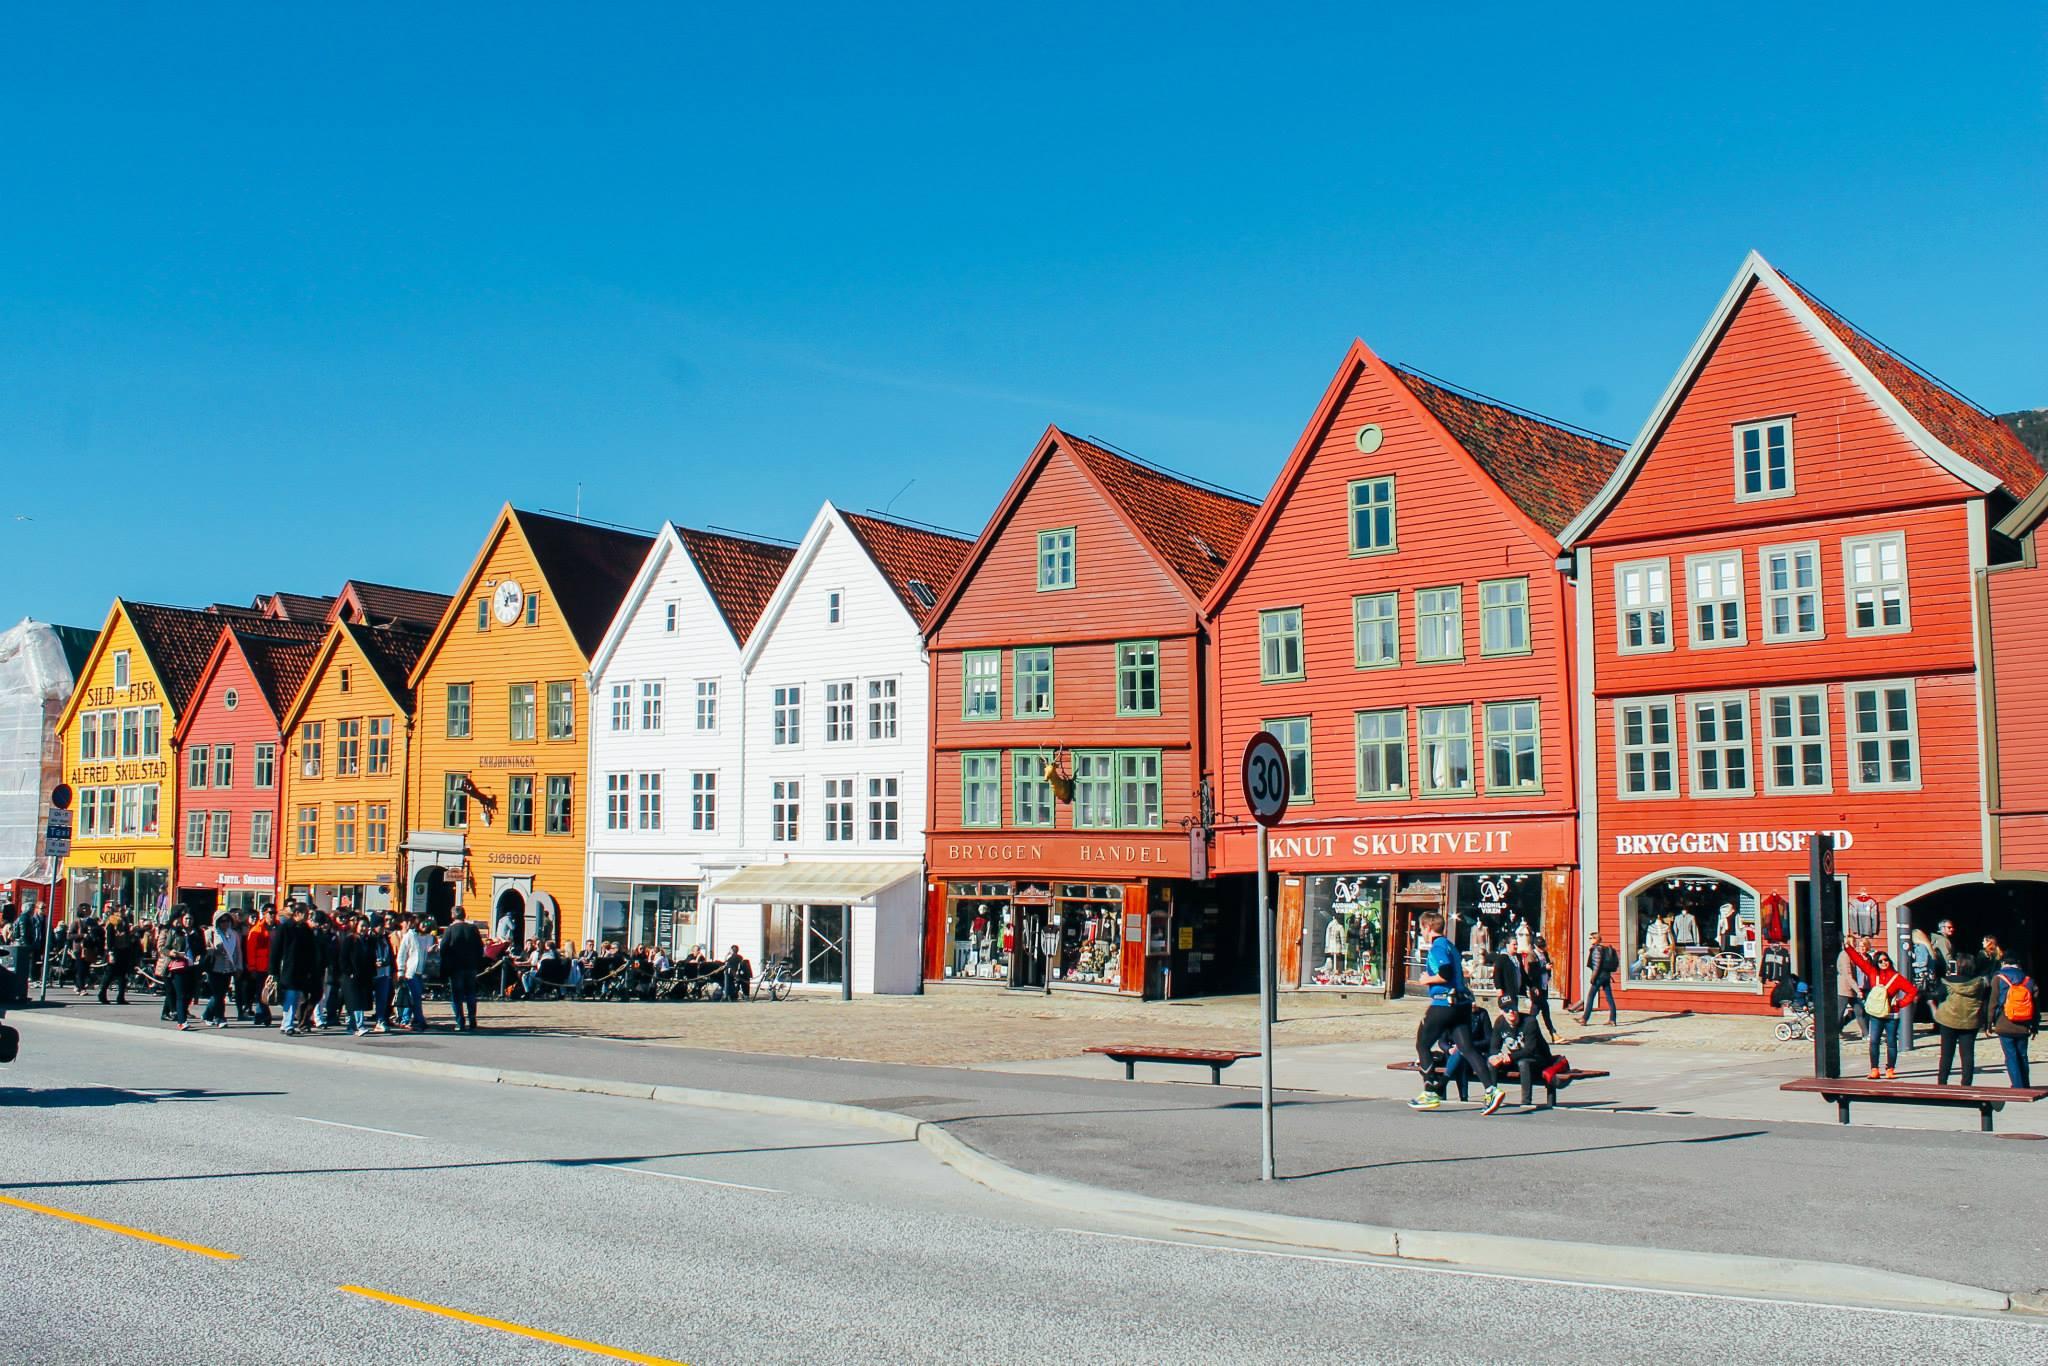 The UNESCO World Heritage Site of Bryggen... In Bergen, Norway. (20)